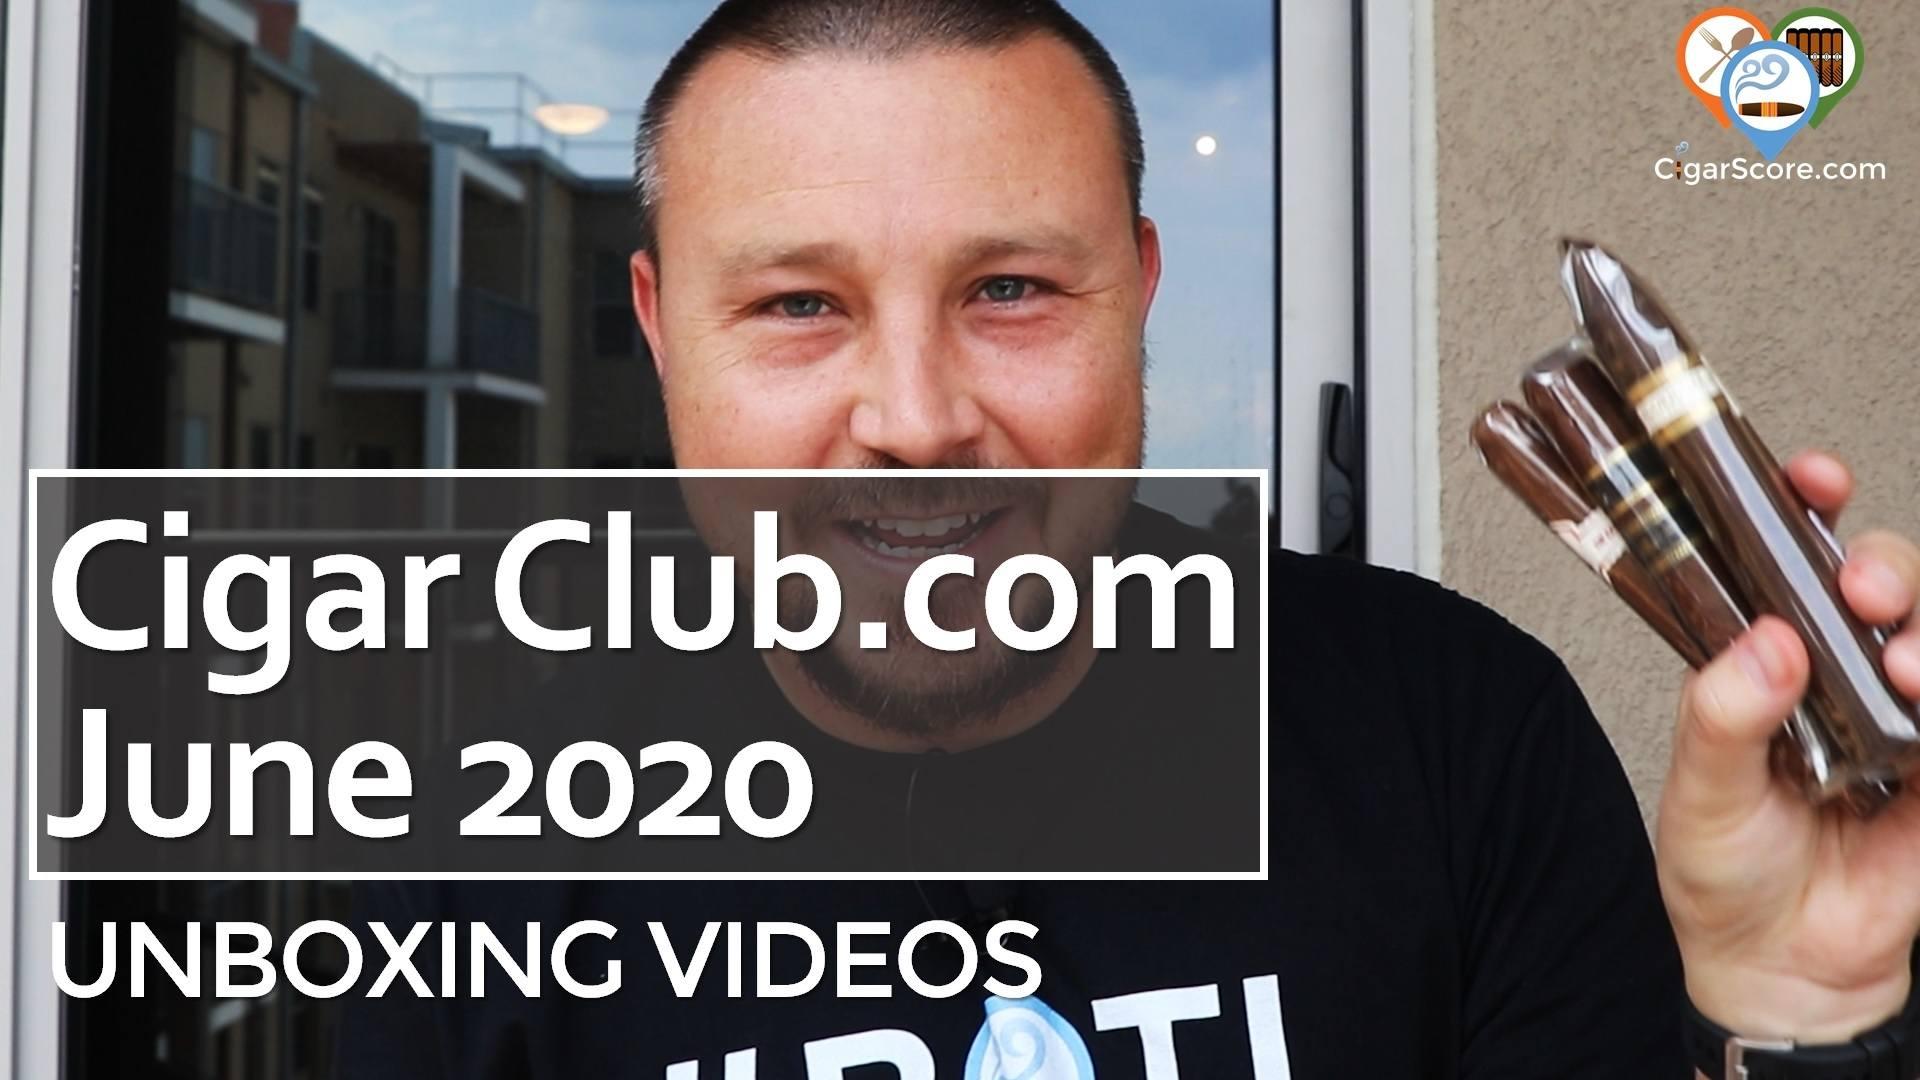 Unboxing - Cigar Club 2020 June